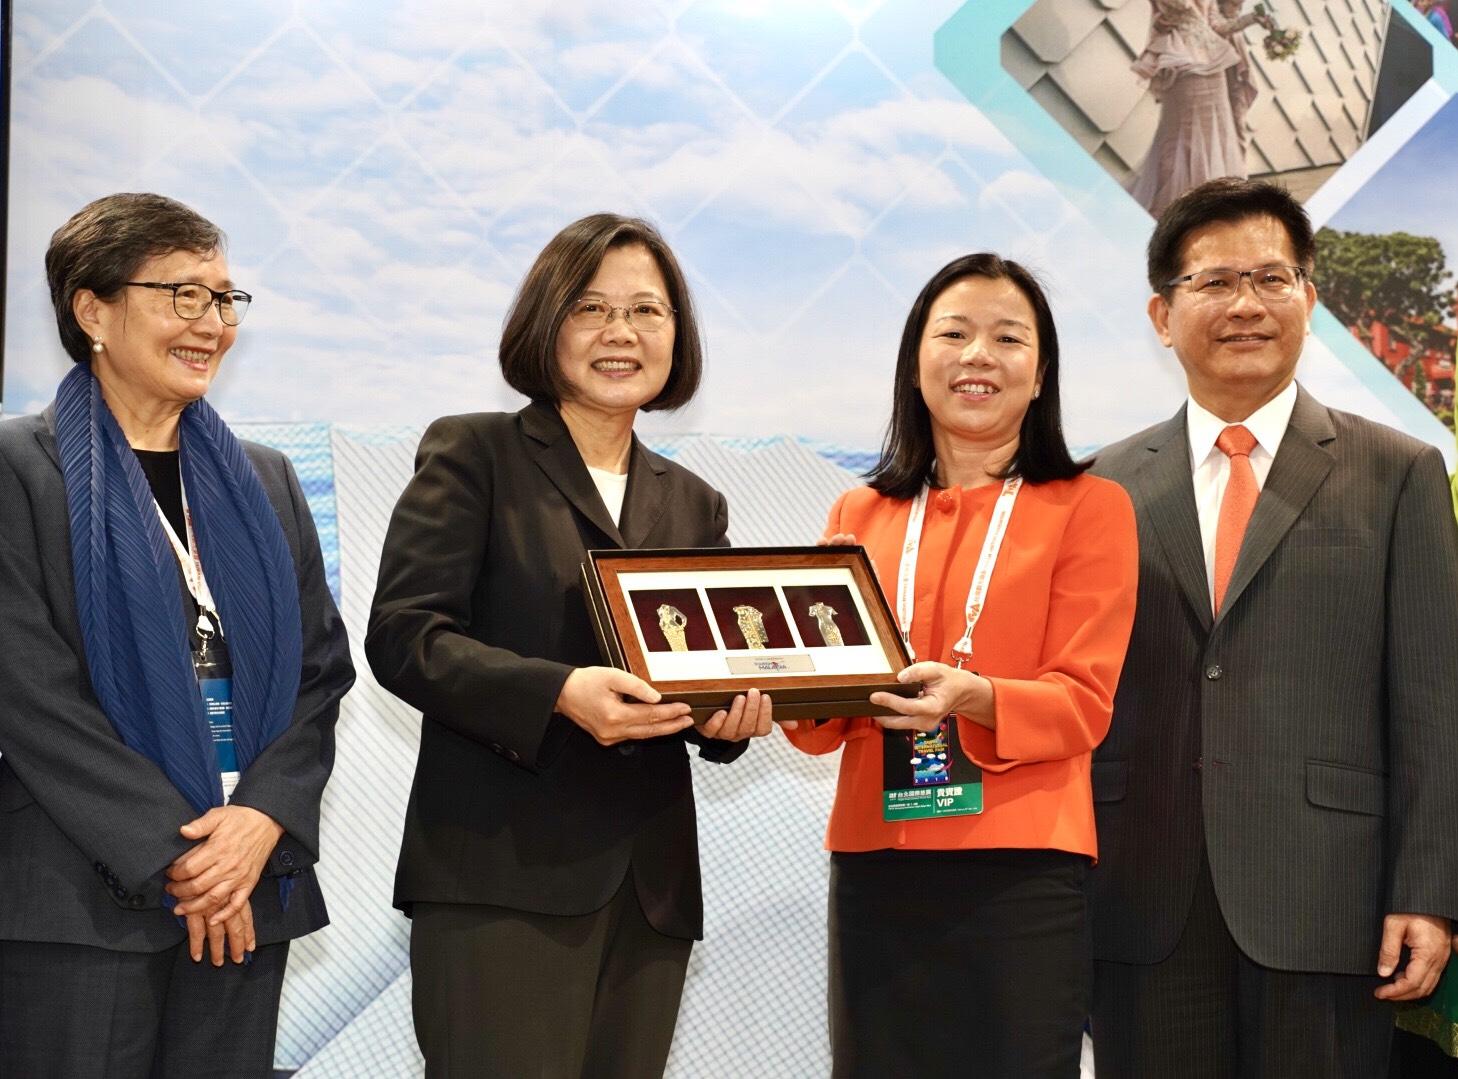 馬來西亞友誼及貿易中心代表何瑞萍,致贈蔡英文總統錫製民族服飾造型紀念品,象徵馬來西亞豐富多元的文化特色。